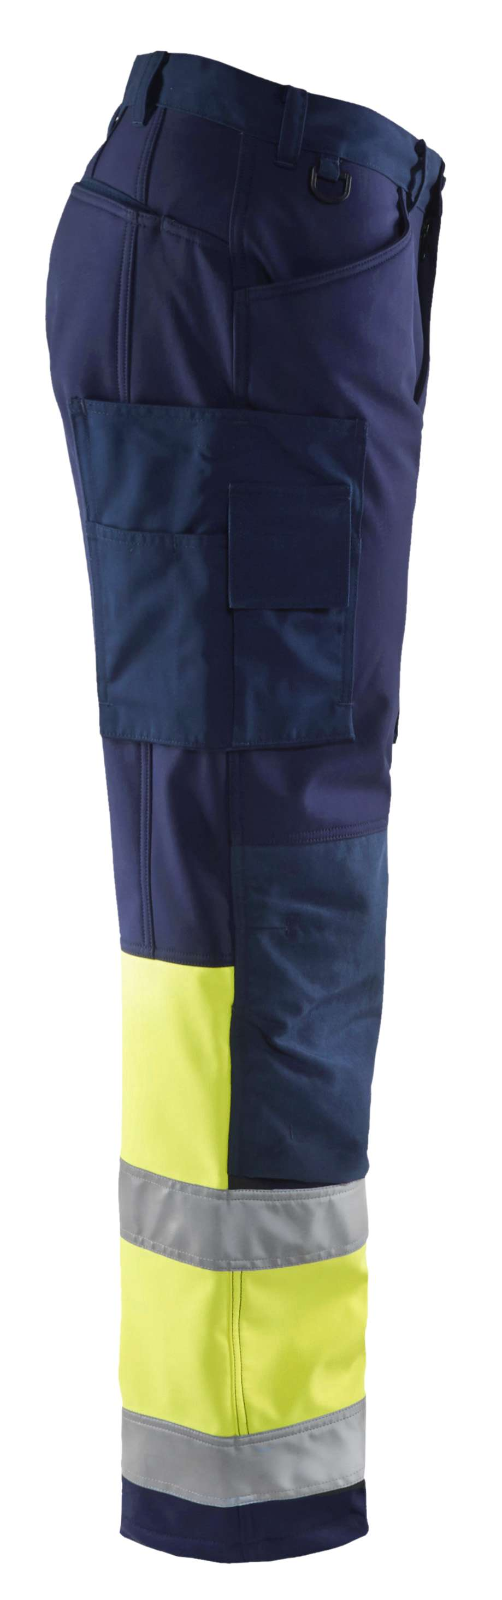 Blaklader Softshell werkbroeken 15622517 High Vis marineblauw-geel(8933)